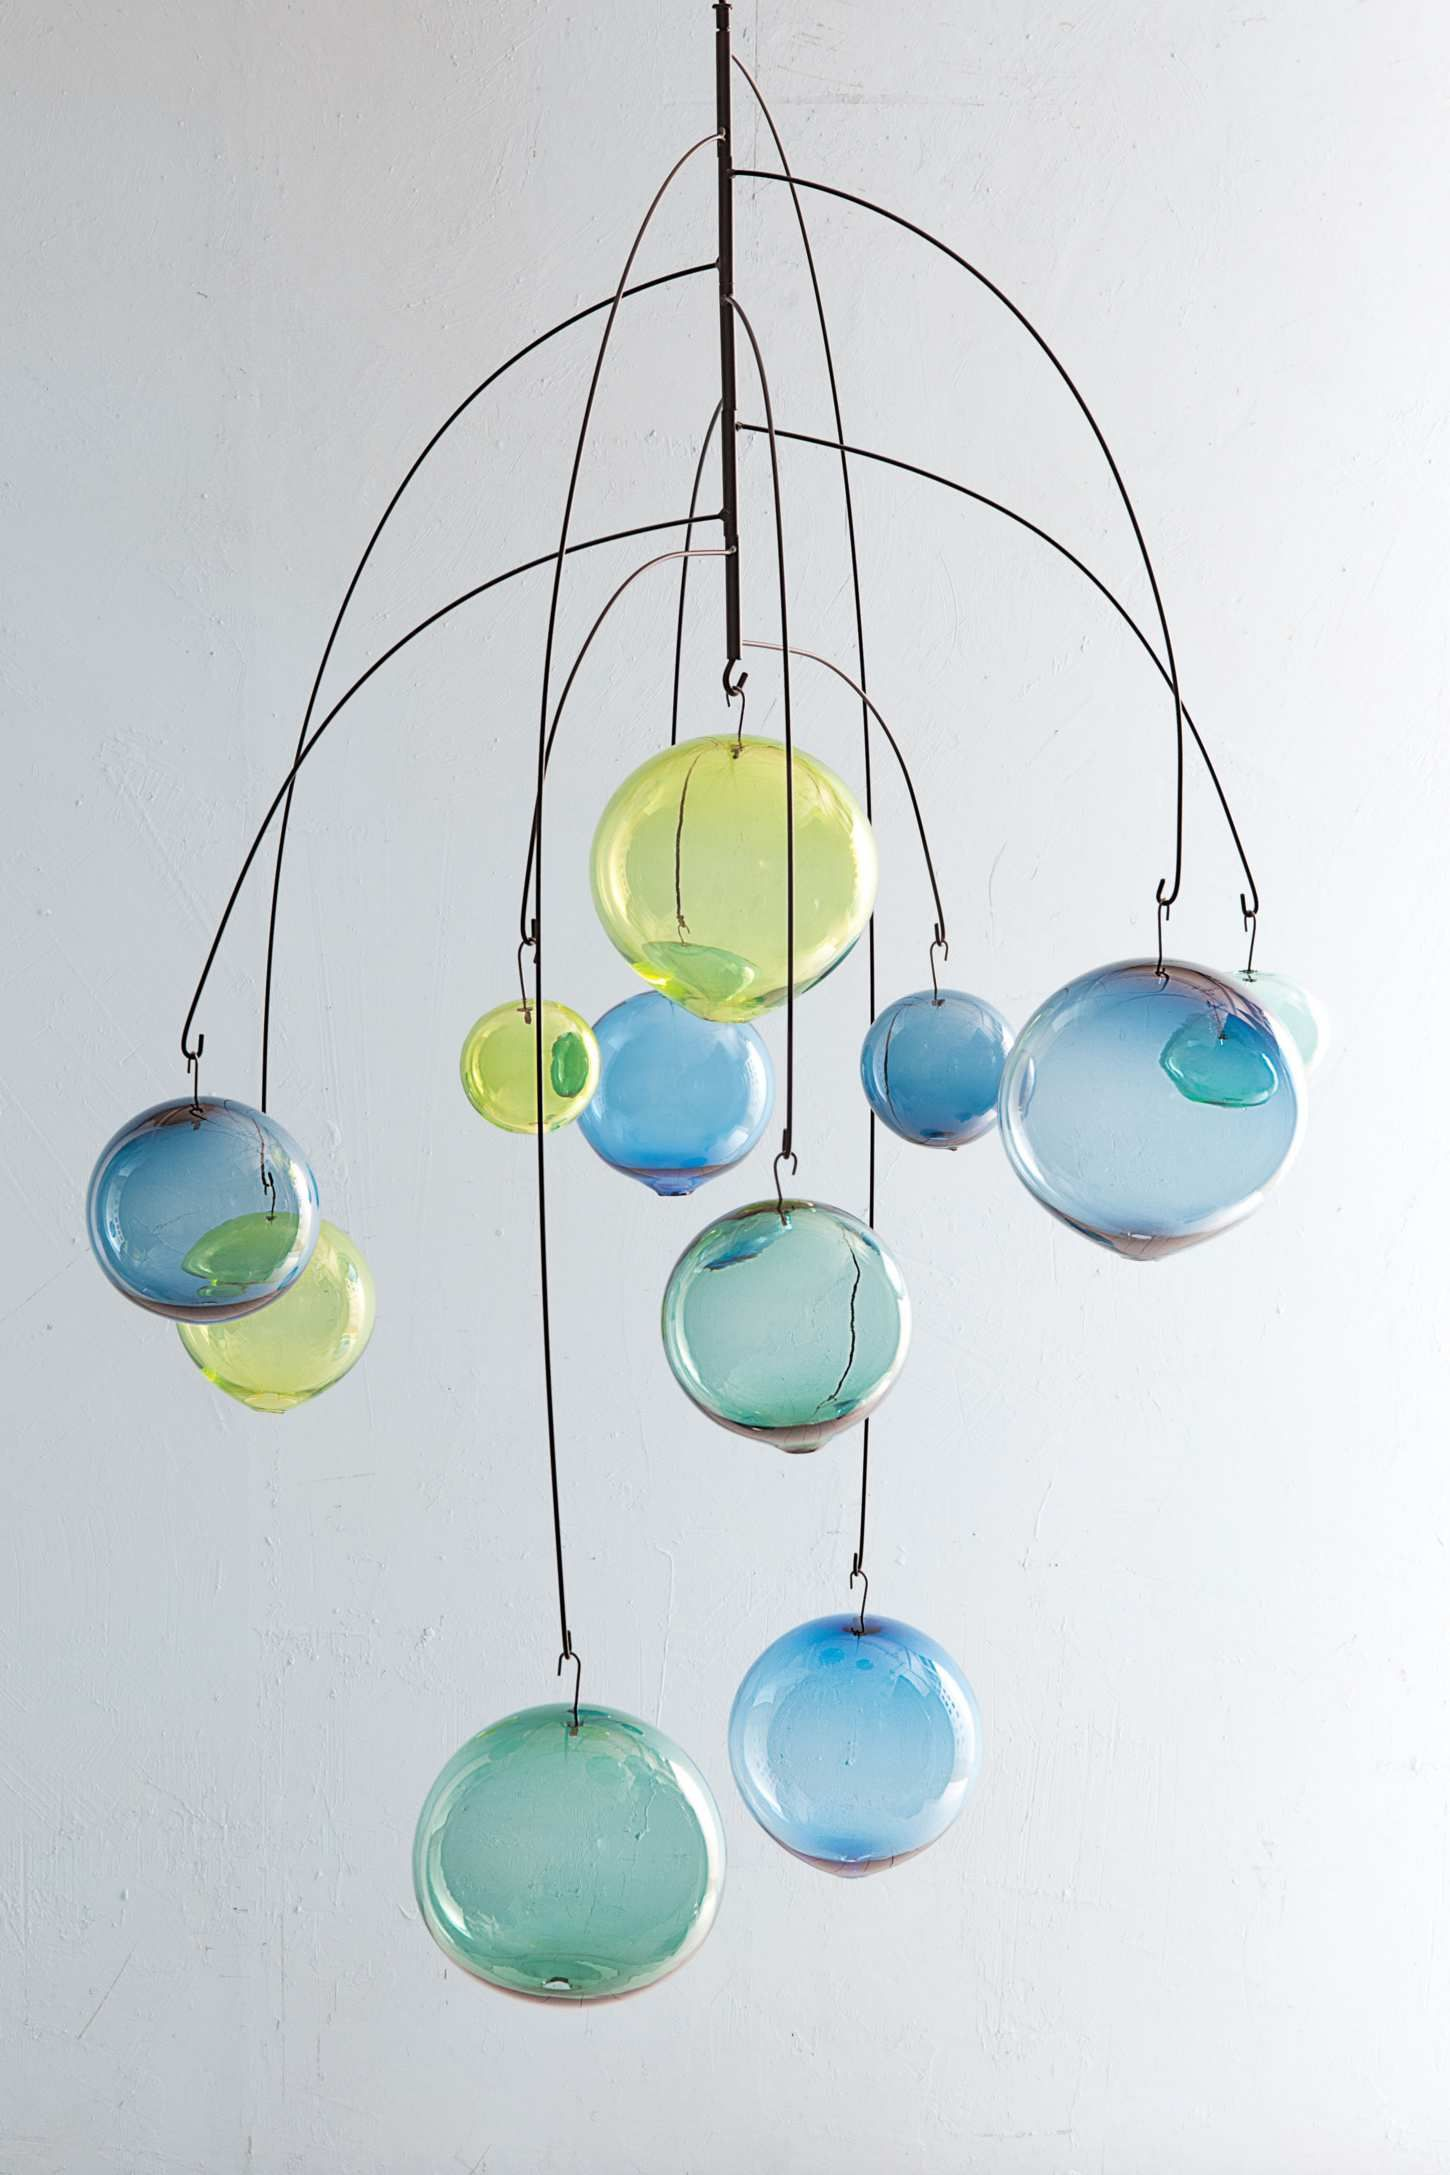 Czech blown glass mobile | Beautiful & Fragile | Pinterest | Glass